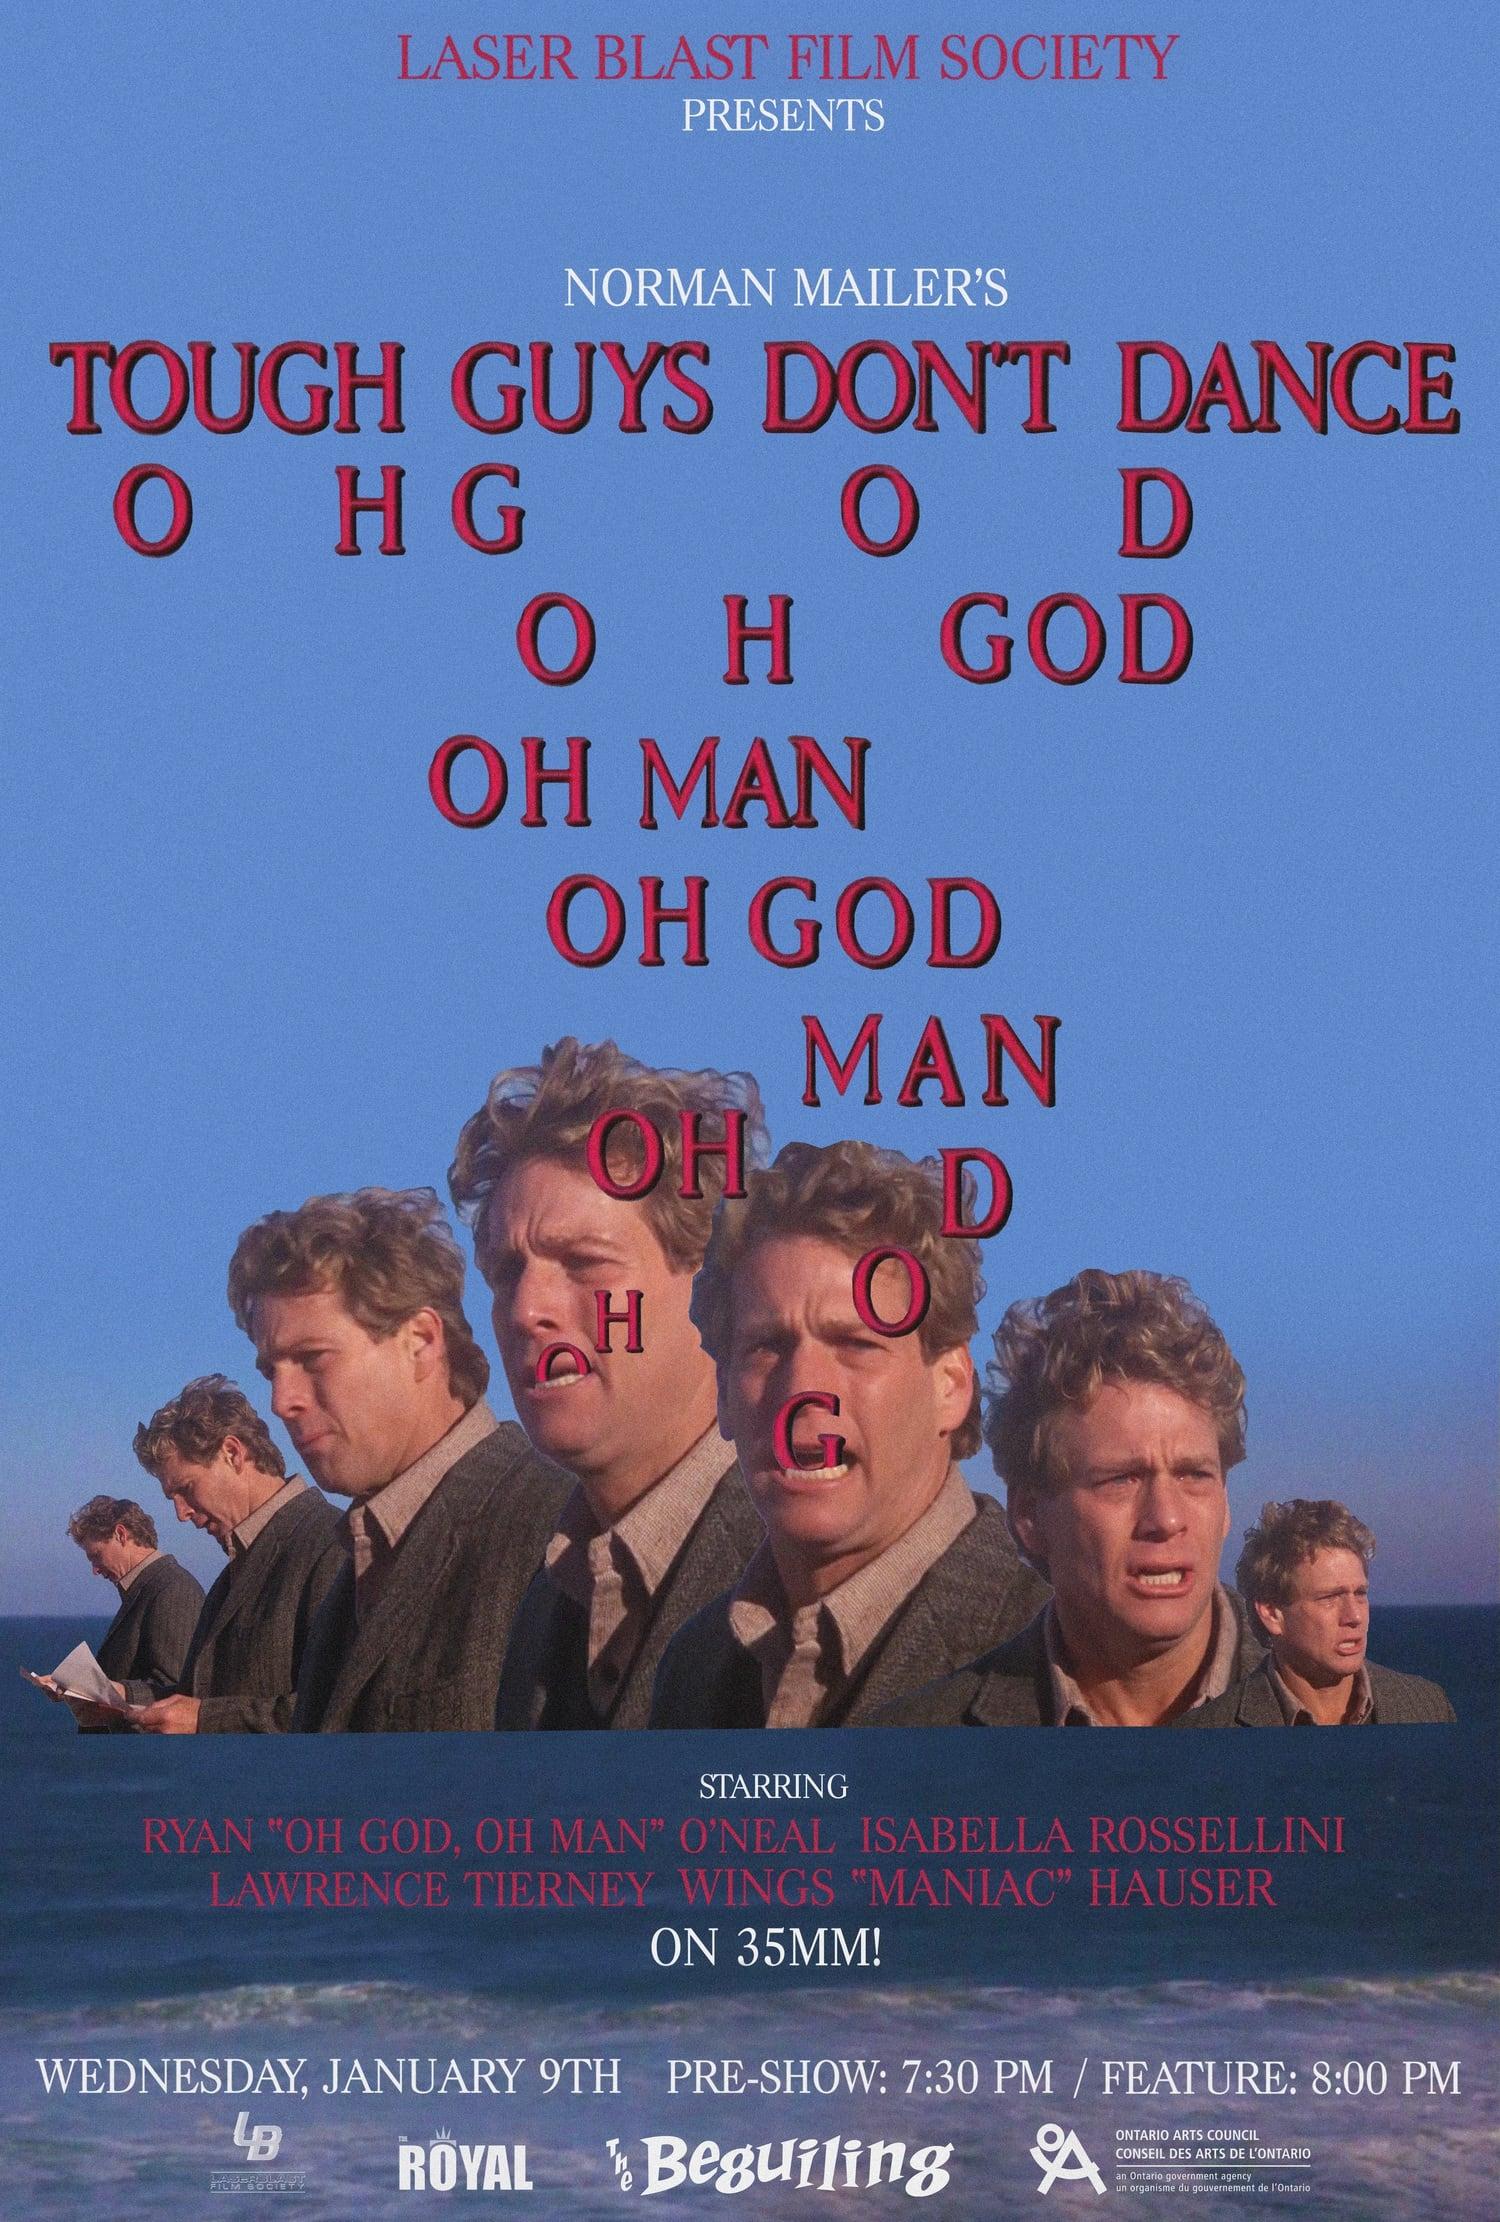 Tough Guys Poster